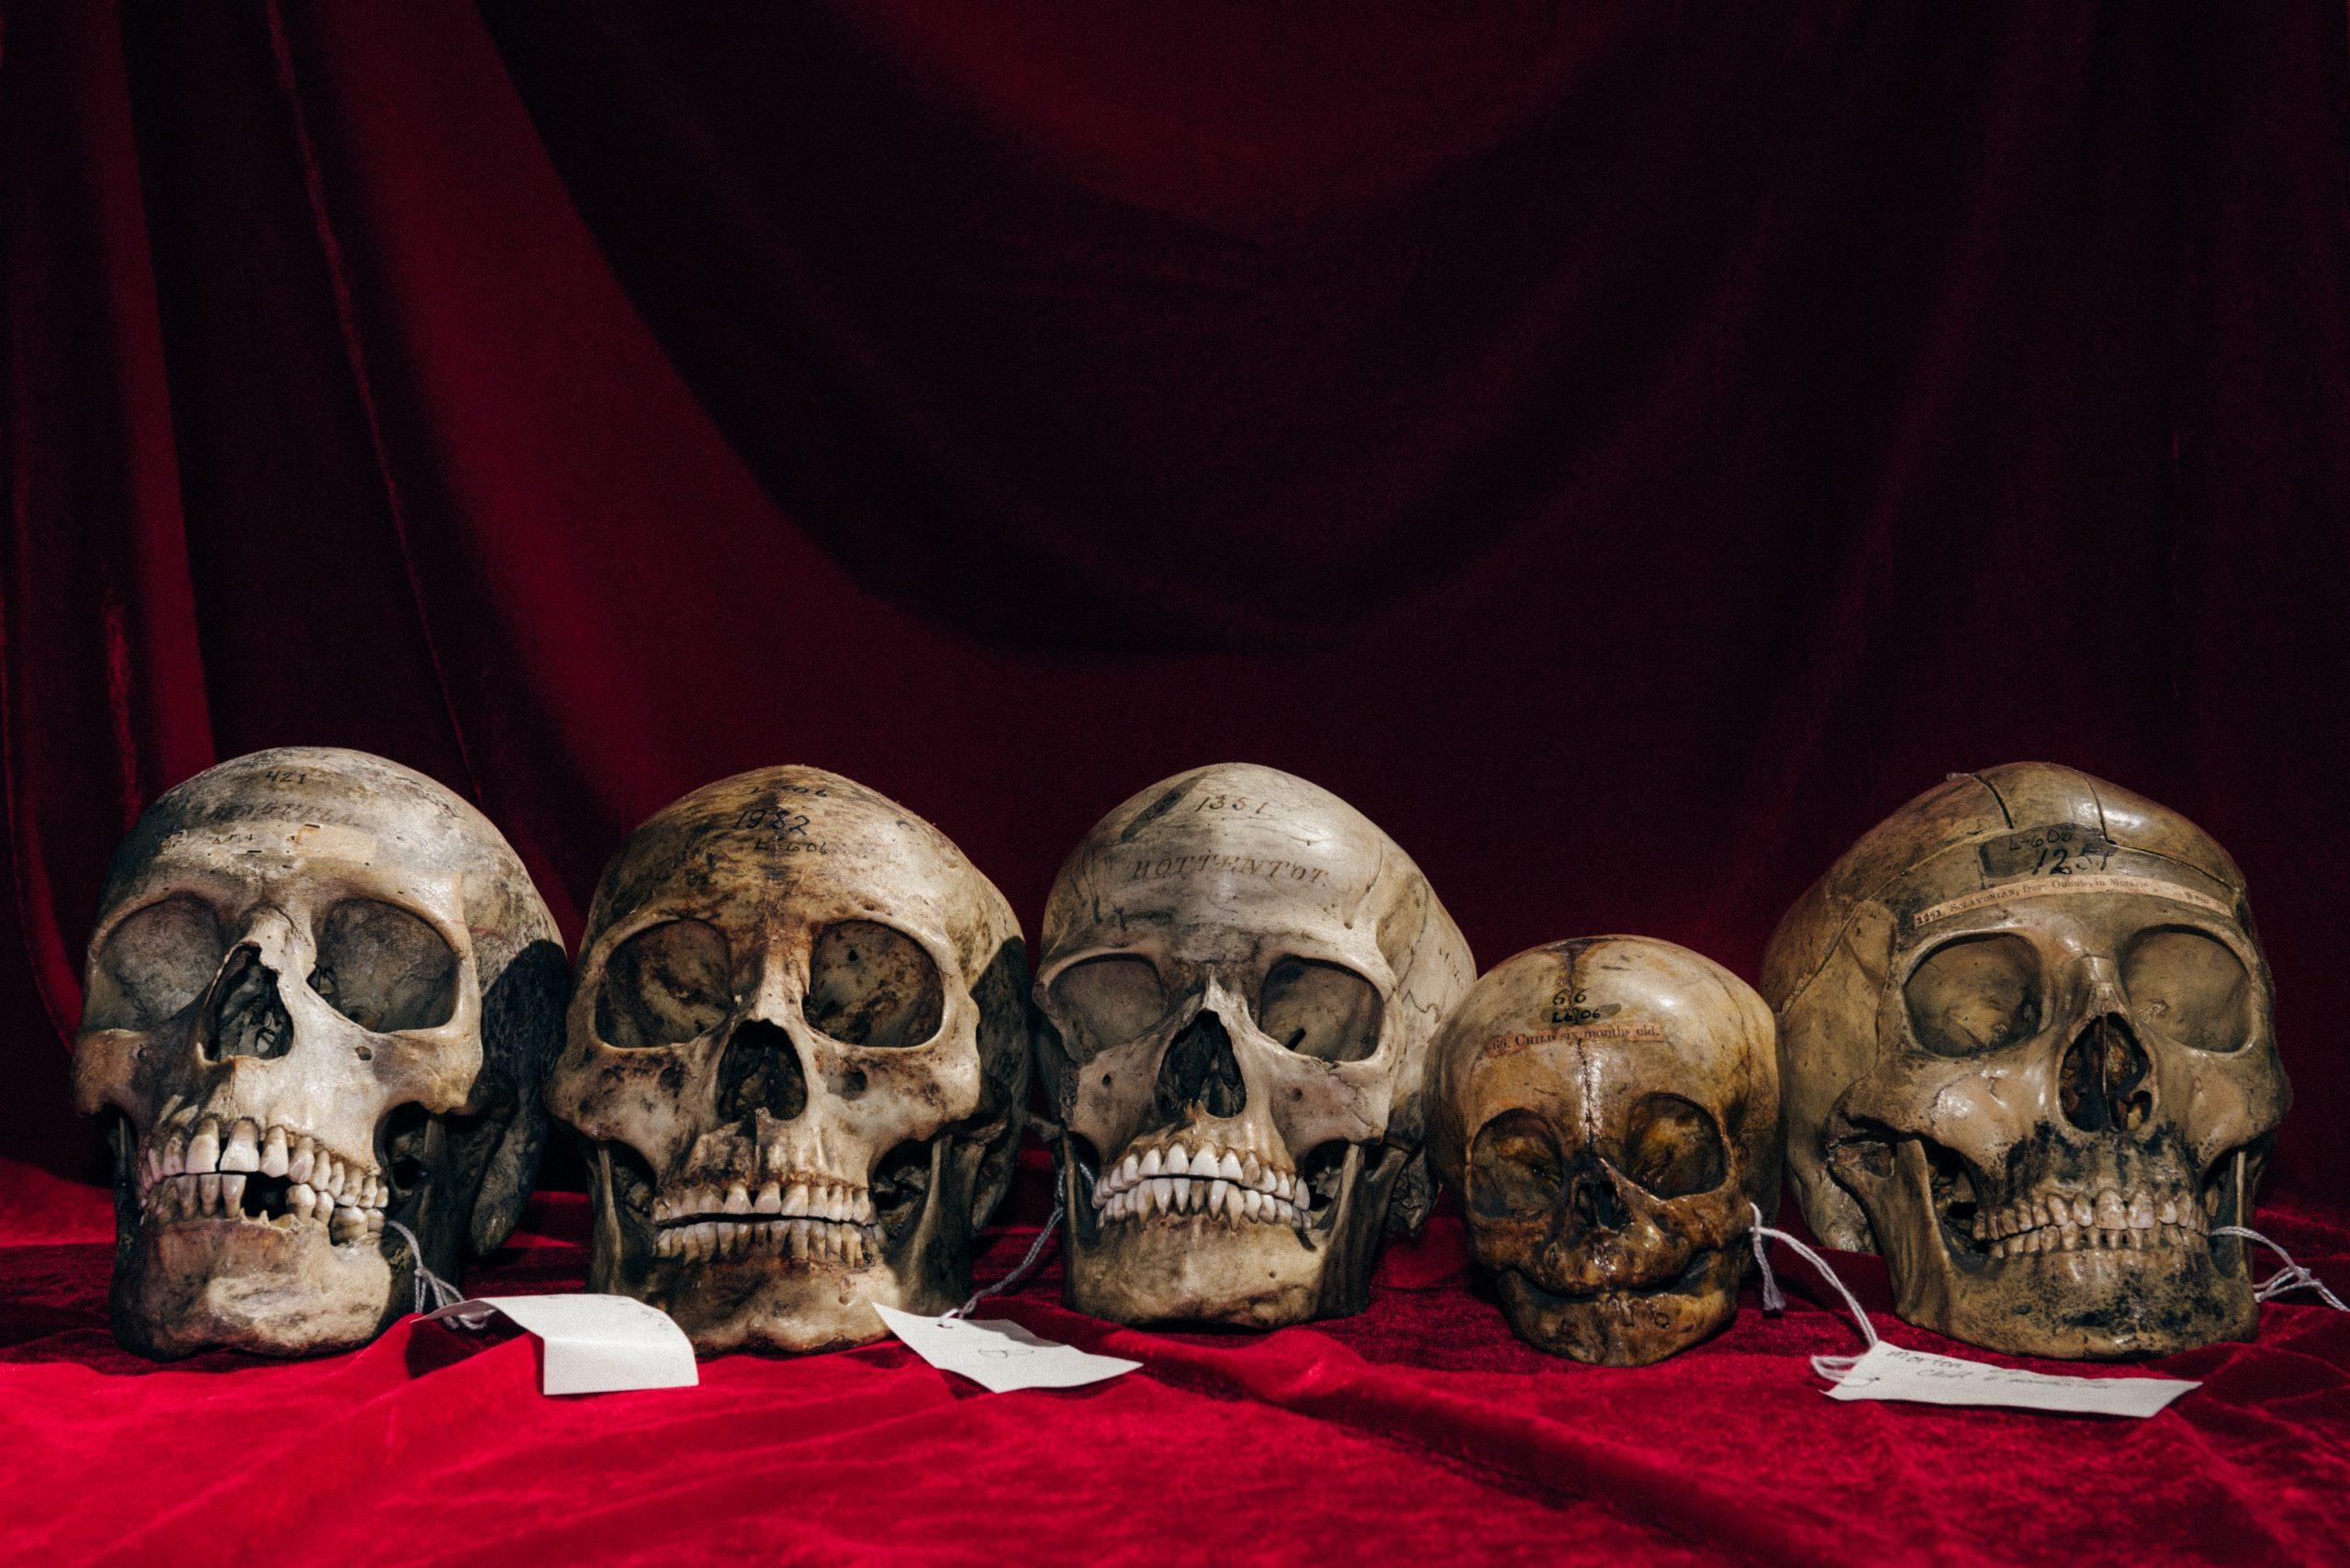 Le sourire des crânes